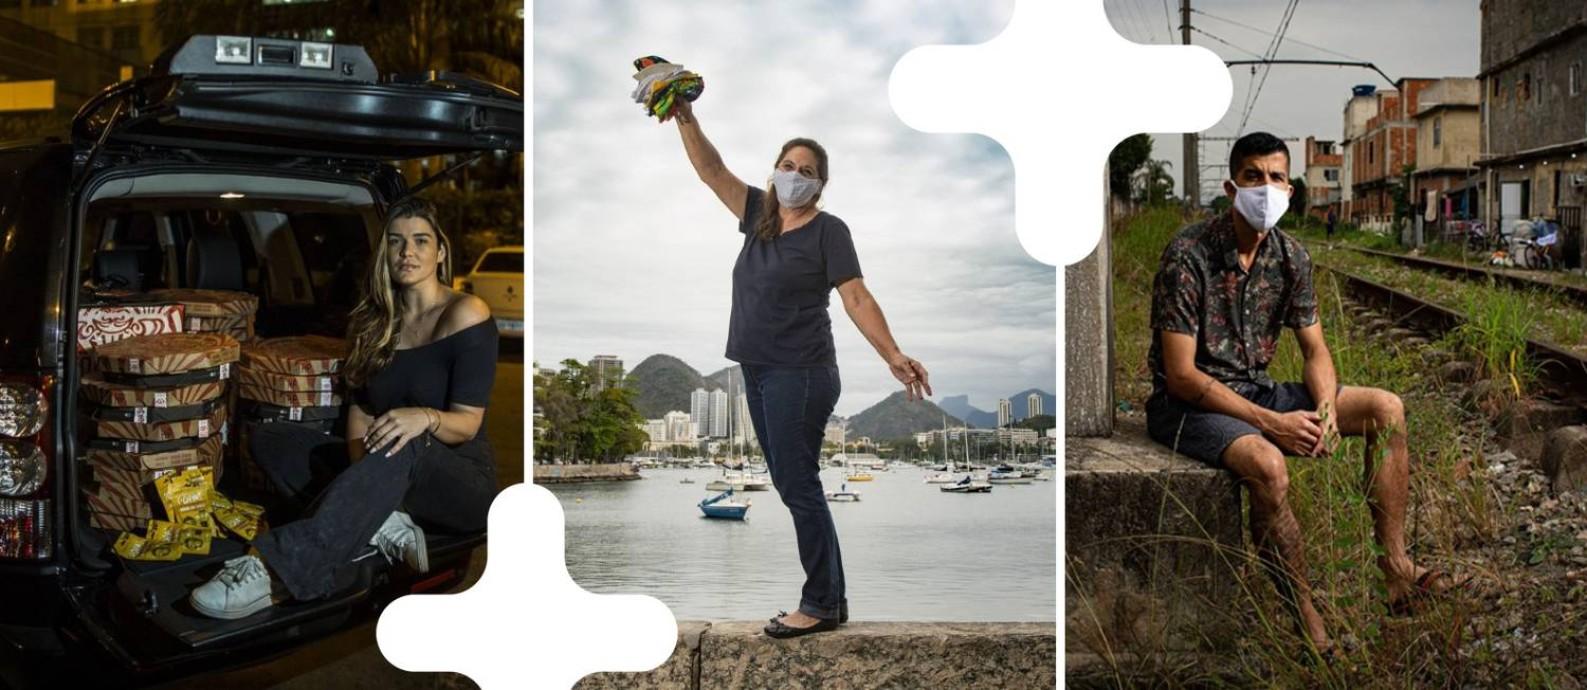 Brasileiros de diversas origens exercem sua cidadania e são exemplos de solidariedade Foto: -